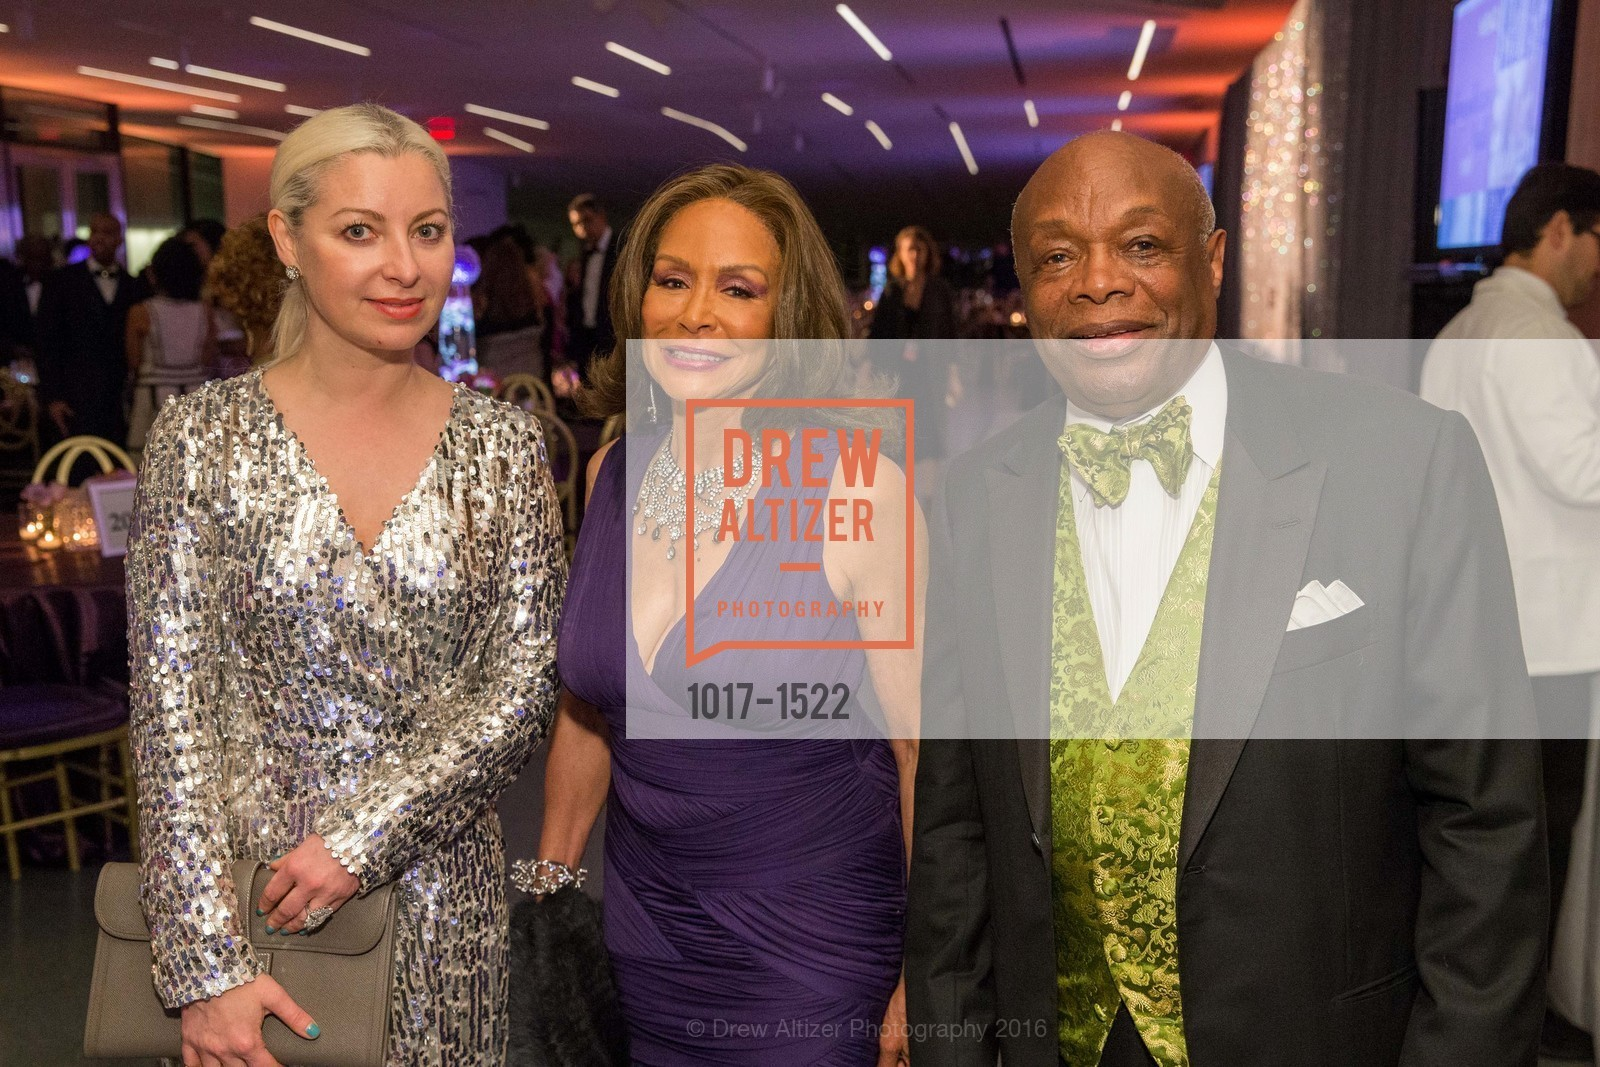 Sonya Molodetskaya, Freda Payne, Willie Brown, Photo #1017-1522